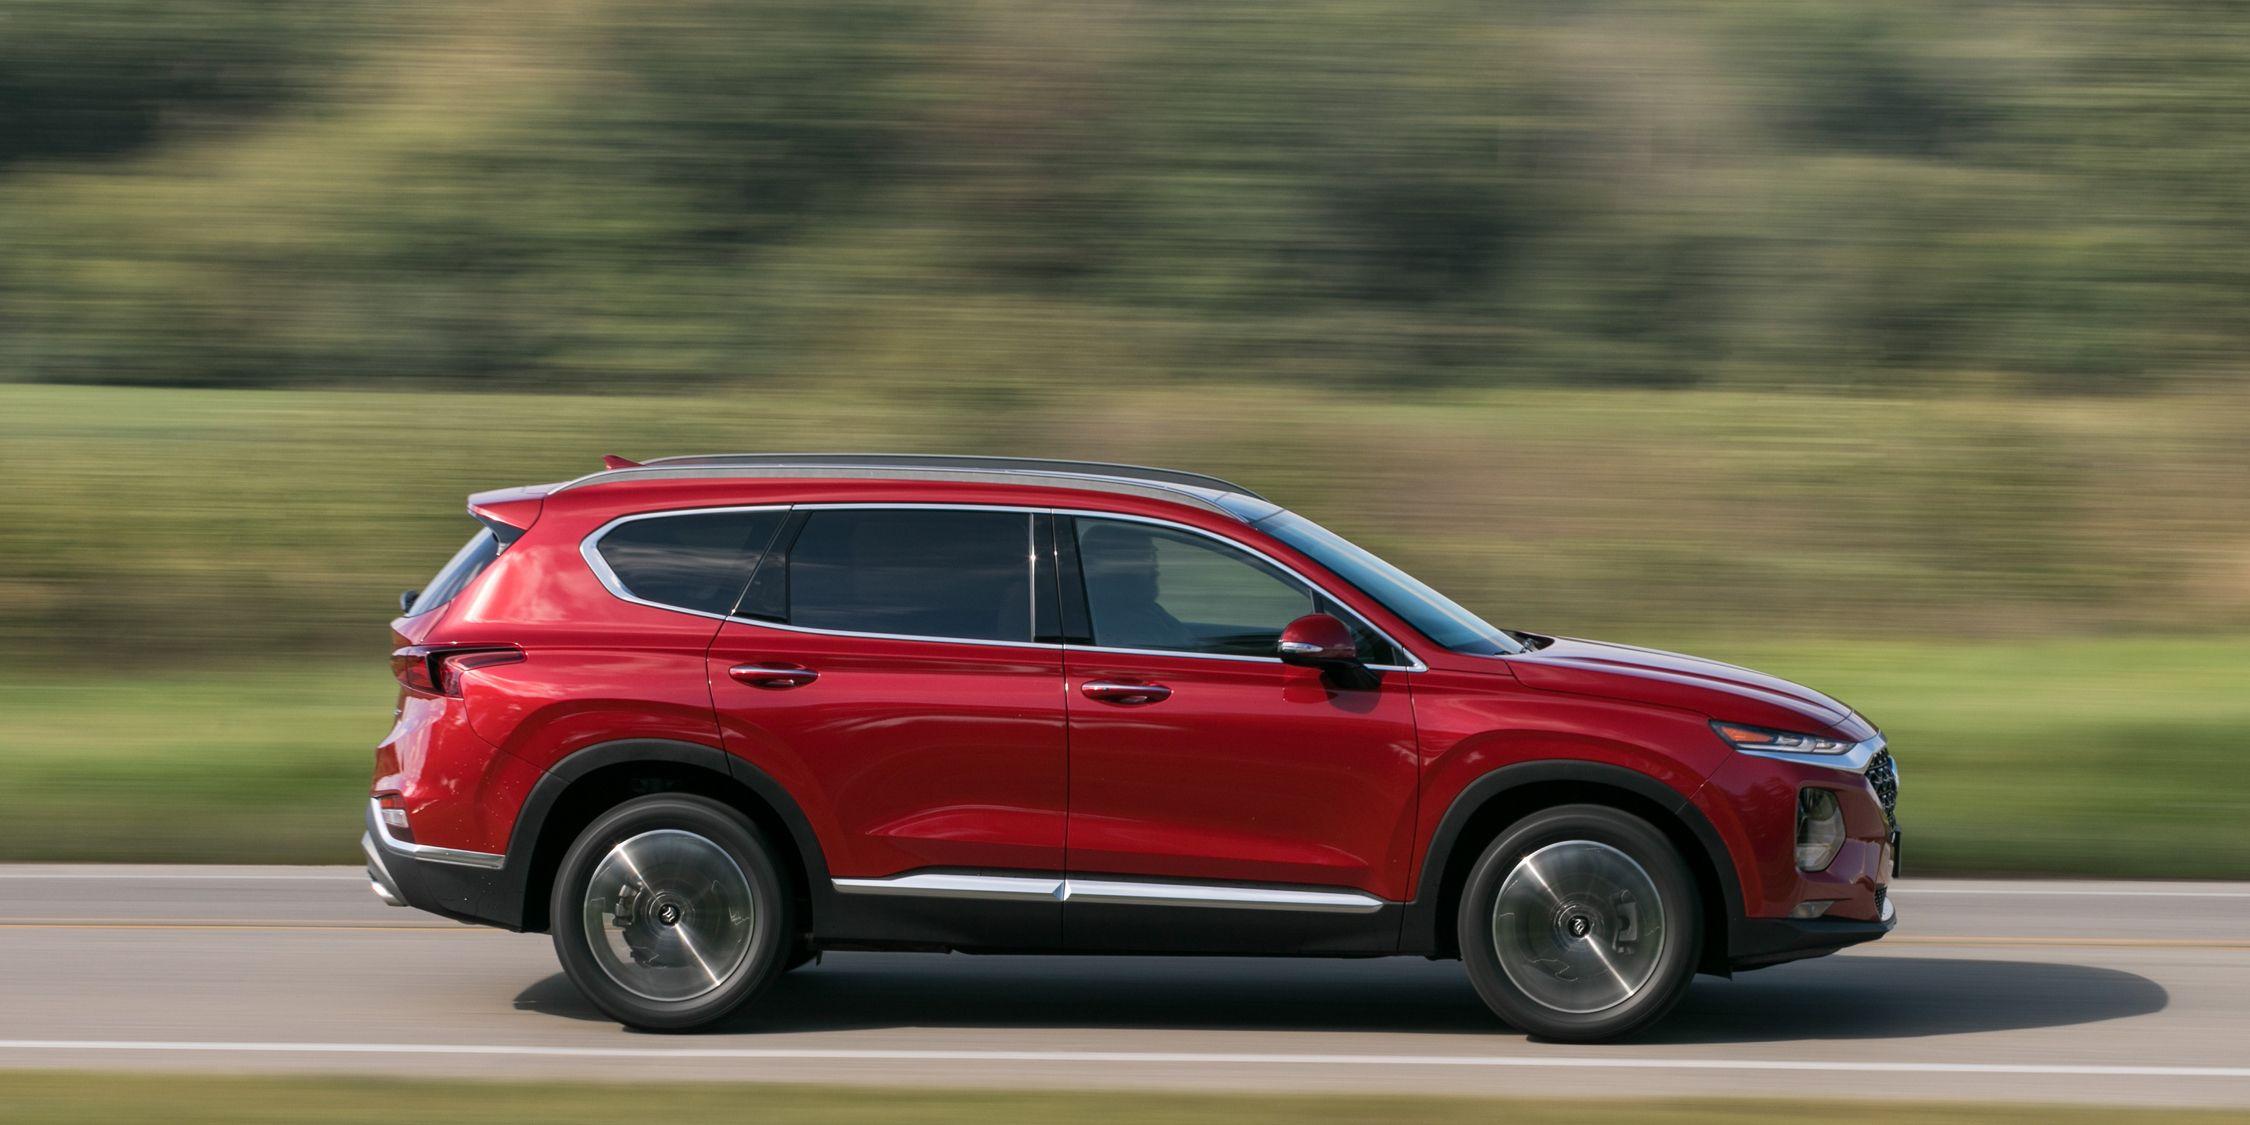 Hyundai And Bisimoto Announce 1040 Horsepower Santa Fe News Car